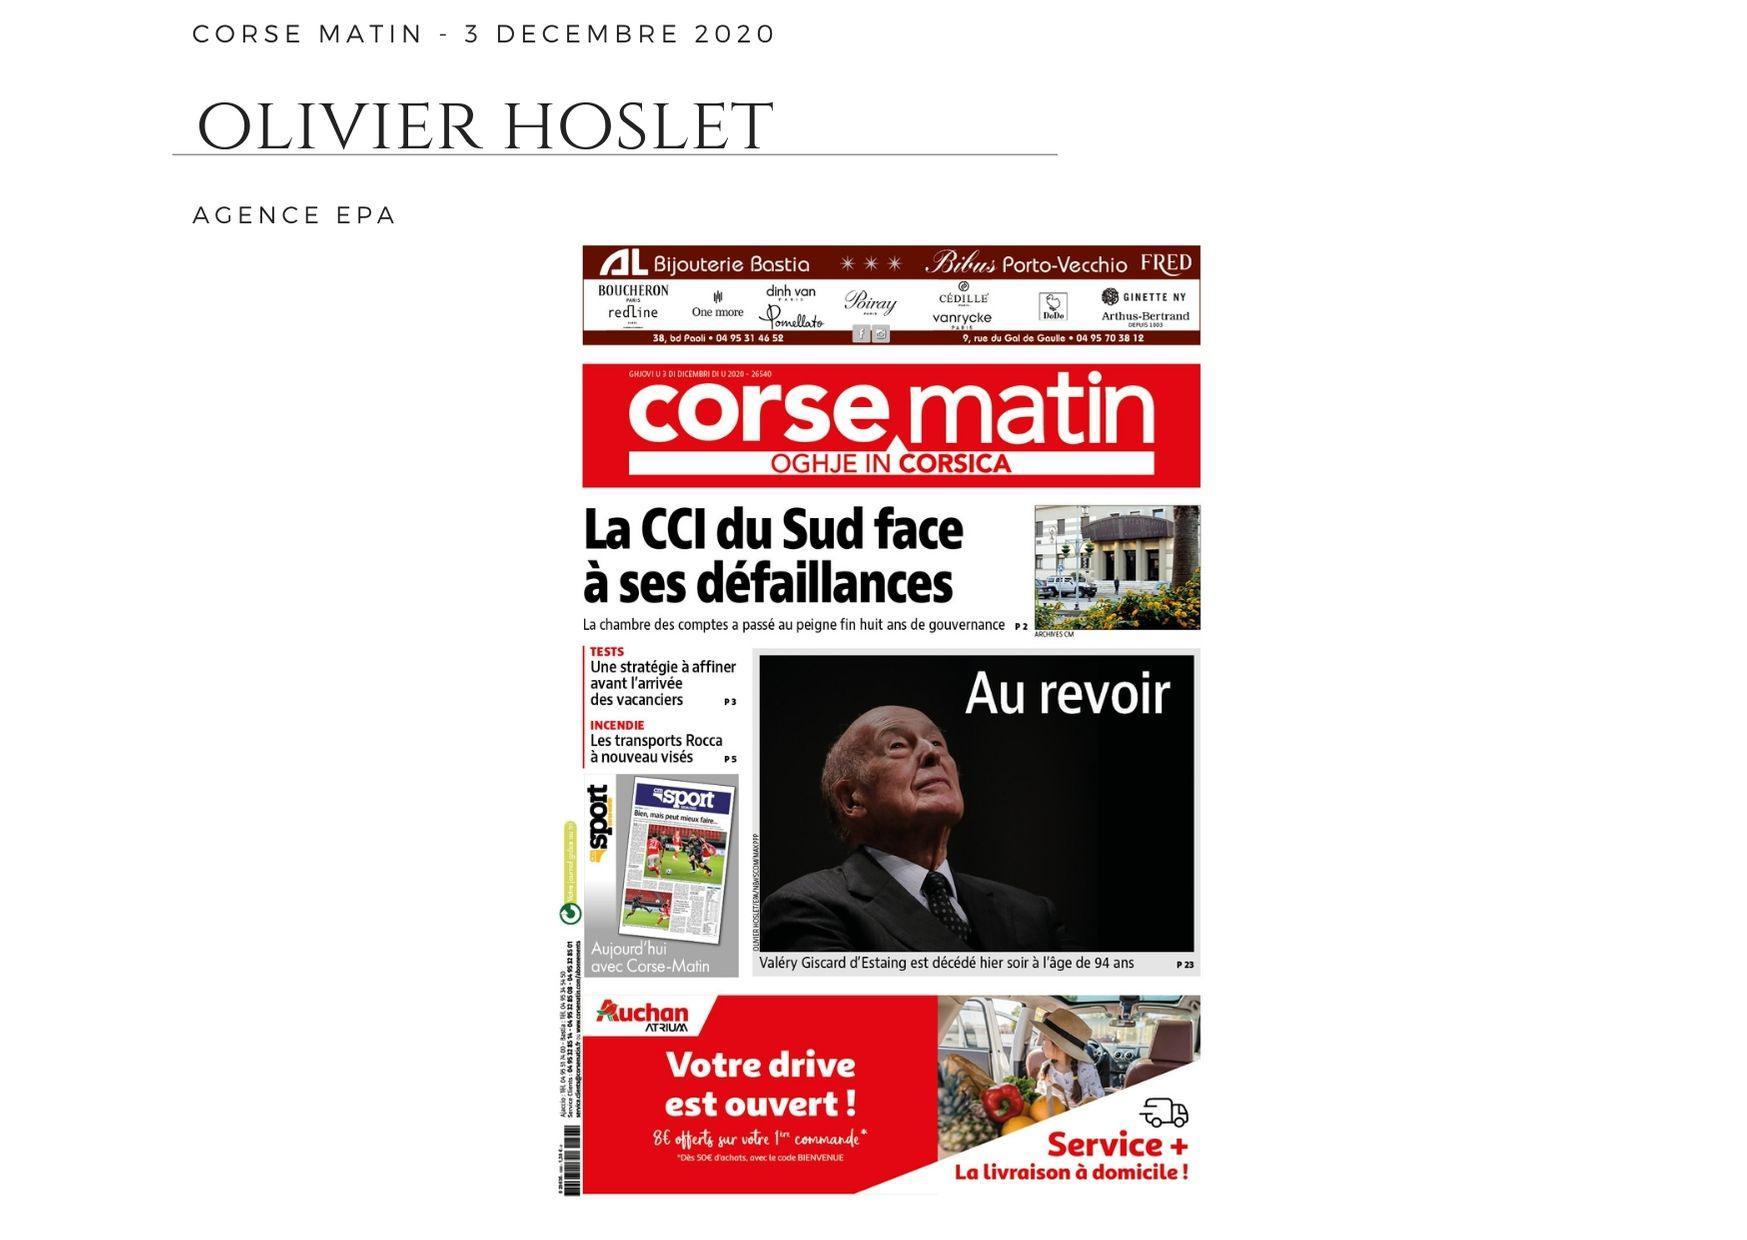 Corse Matin - 3 décembre 2020